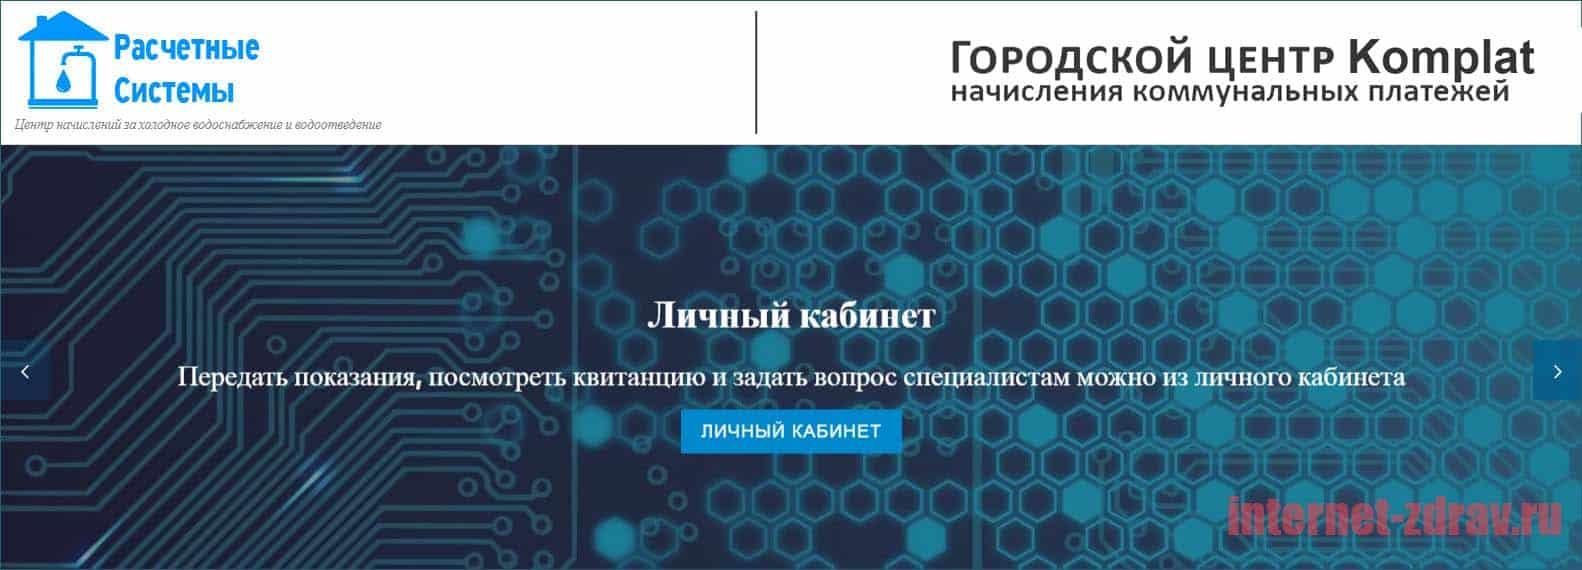 Комплат, Расчетные системы Челябинск - как передать показания счетчика